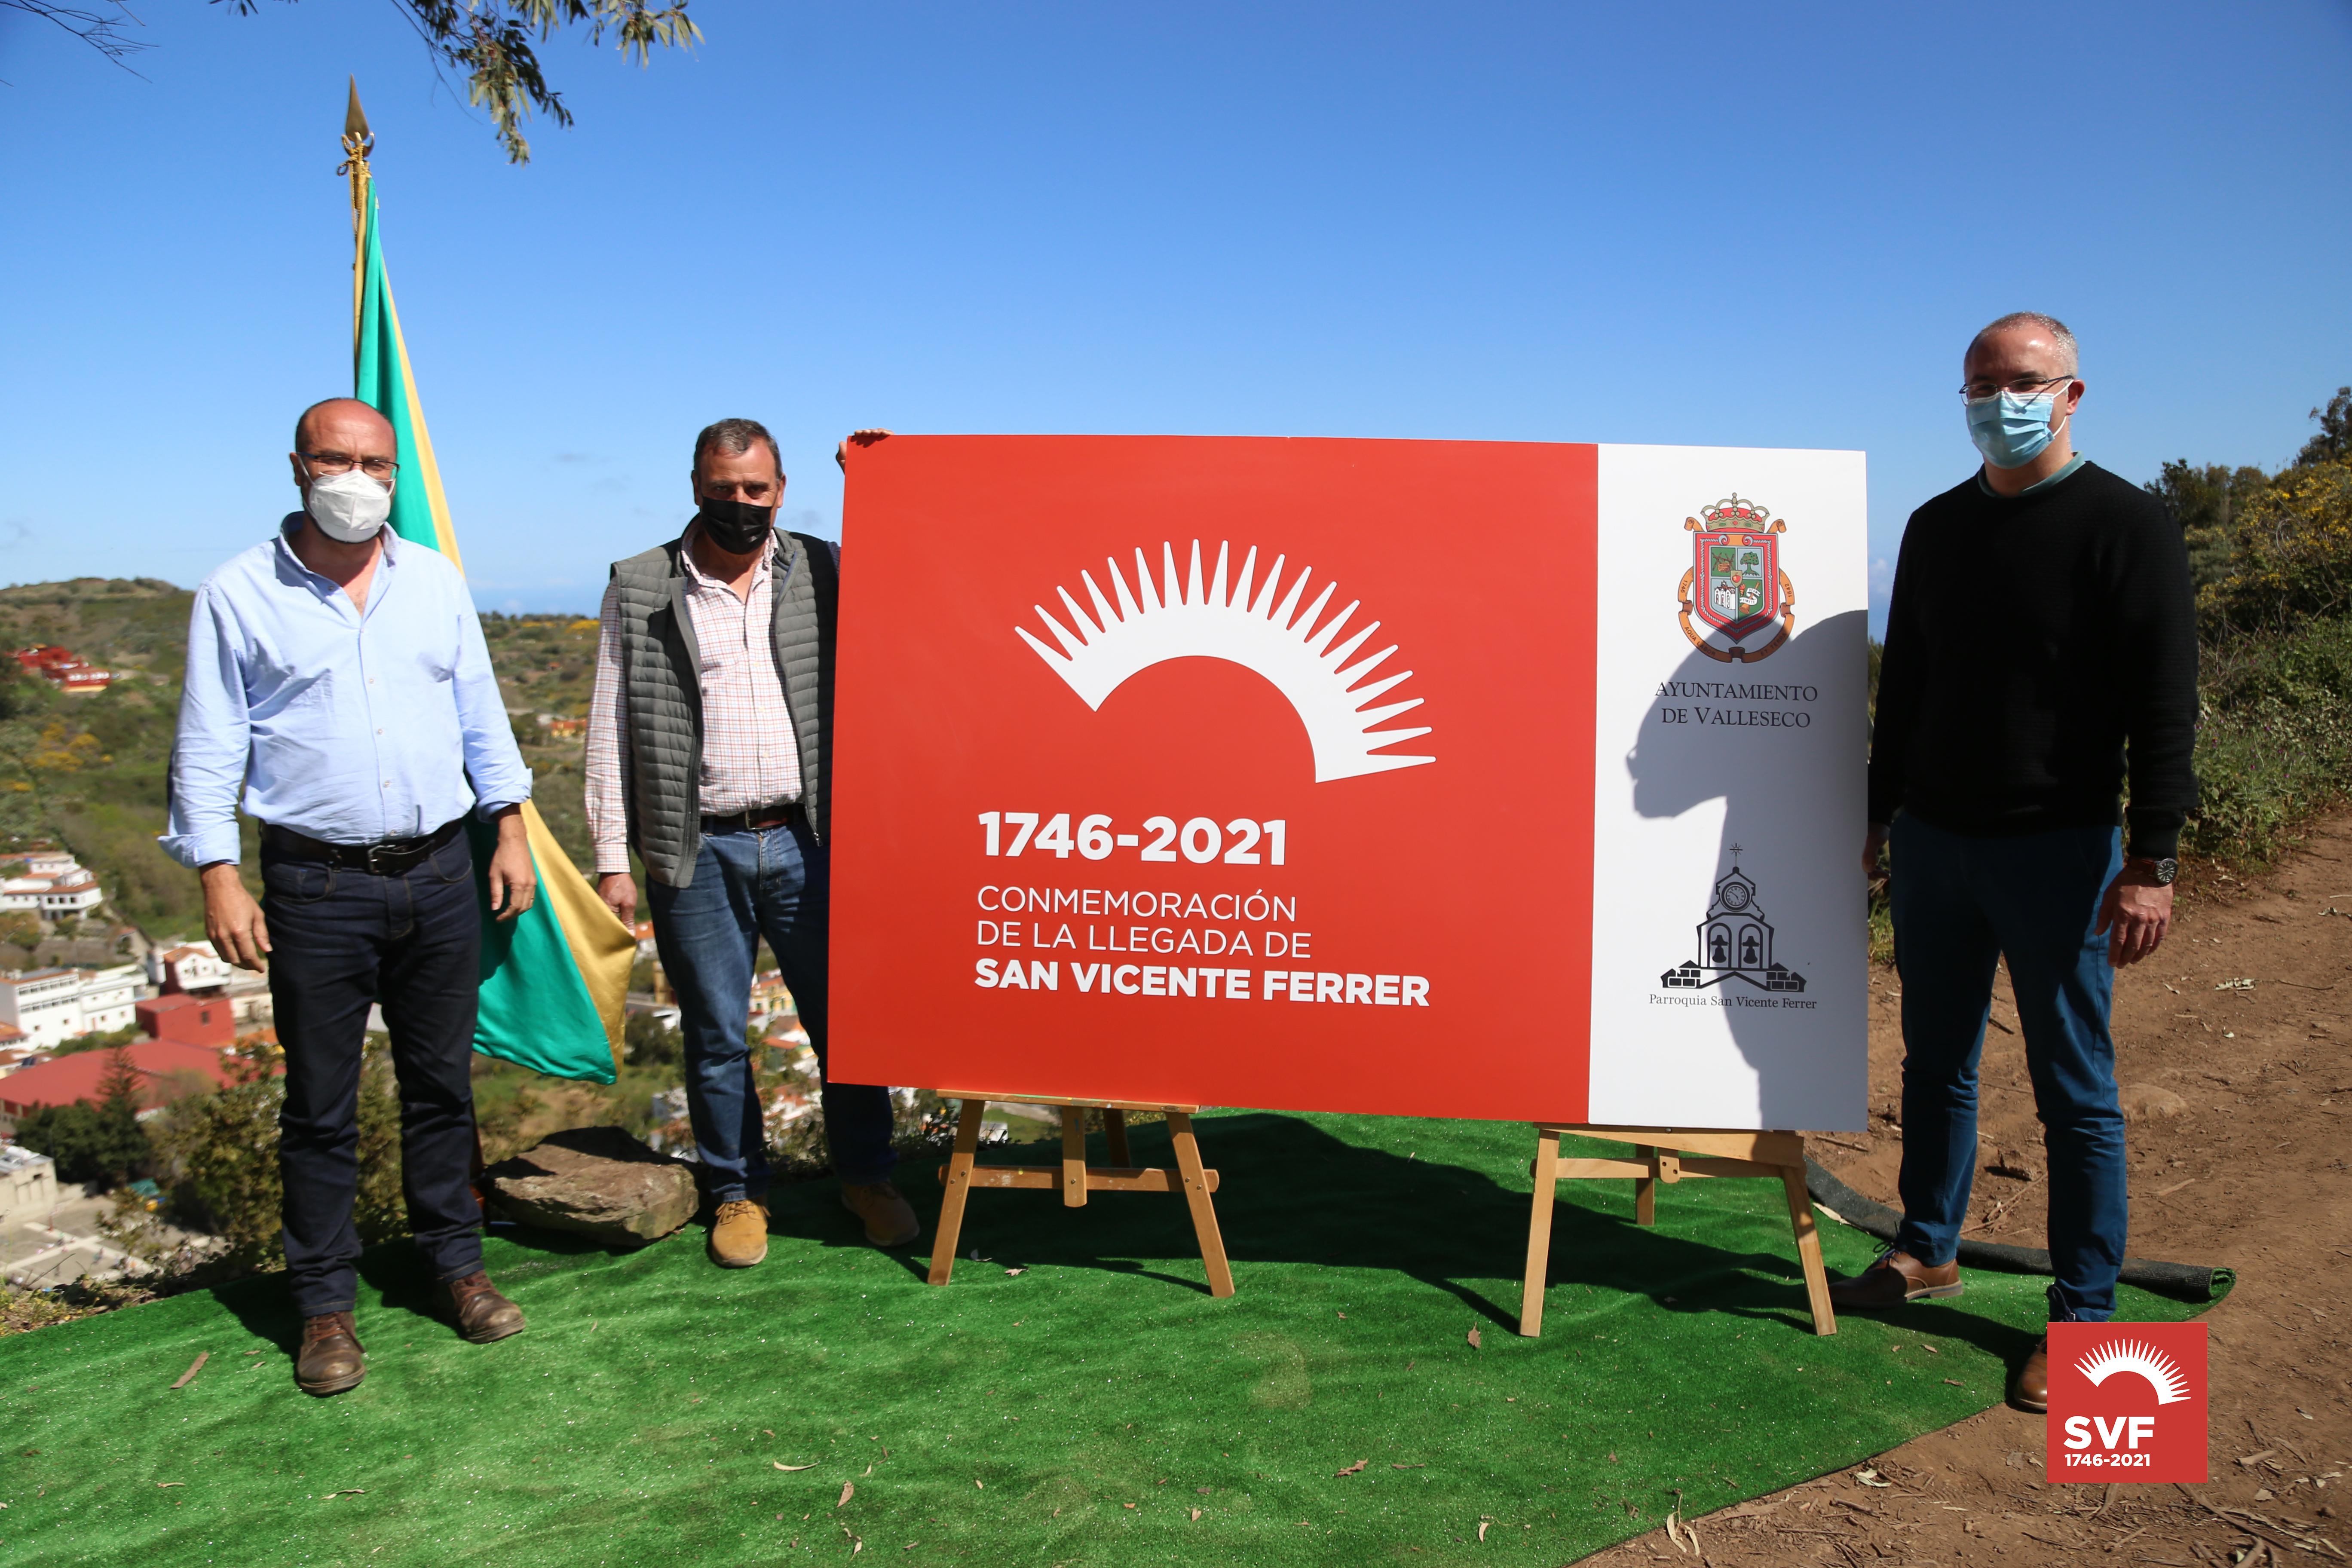 Presentación de la marca de la llegada de San Vicente Ferrer a Valleseco (Gran Canaria) / CanariasNoticias.es